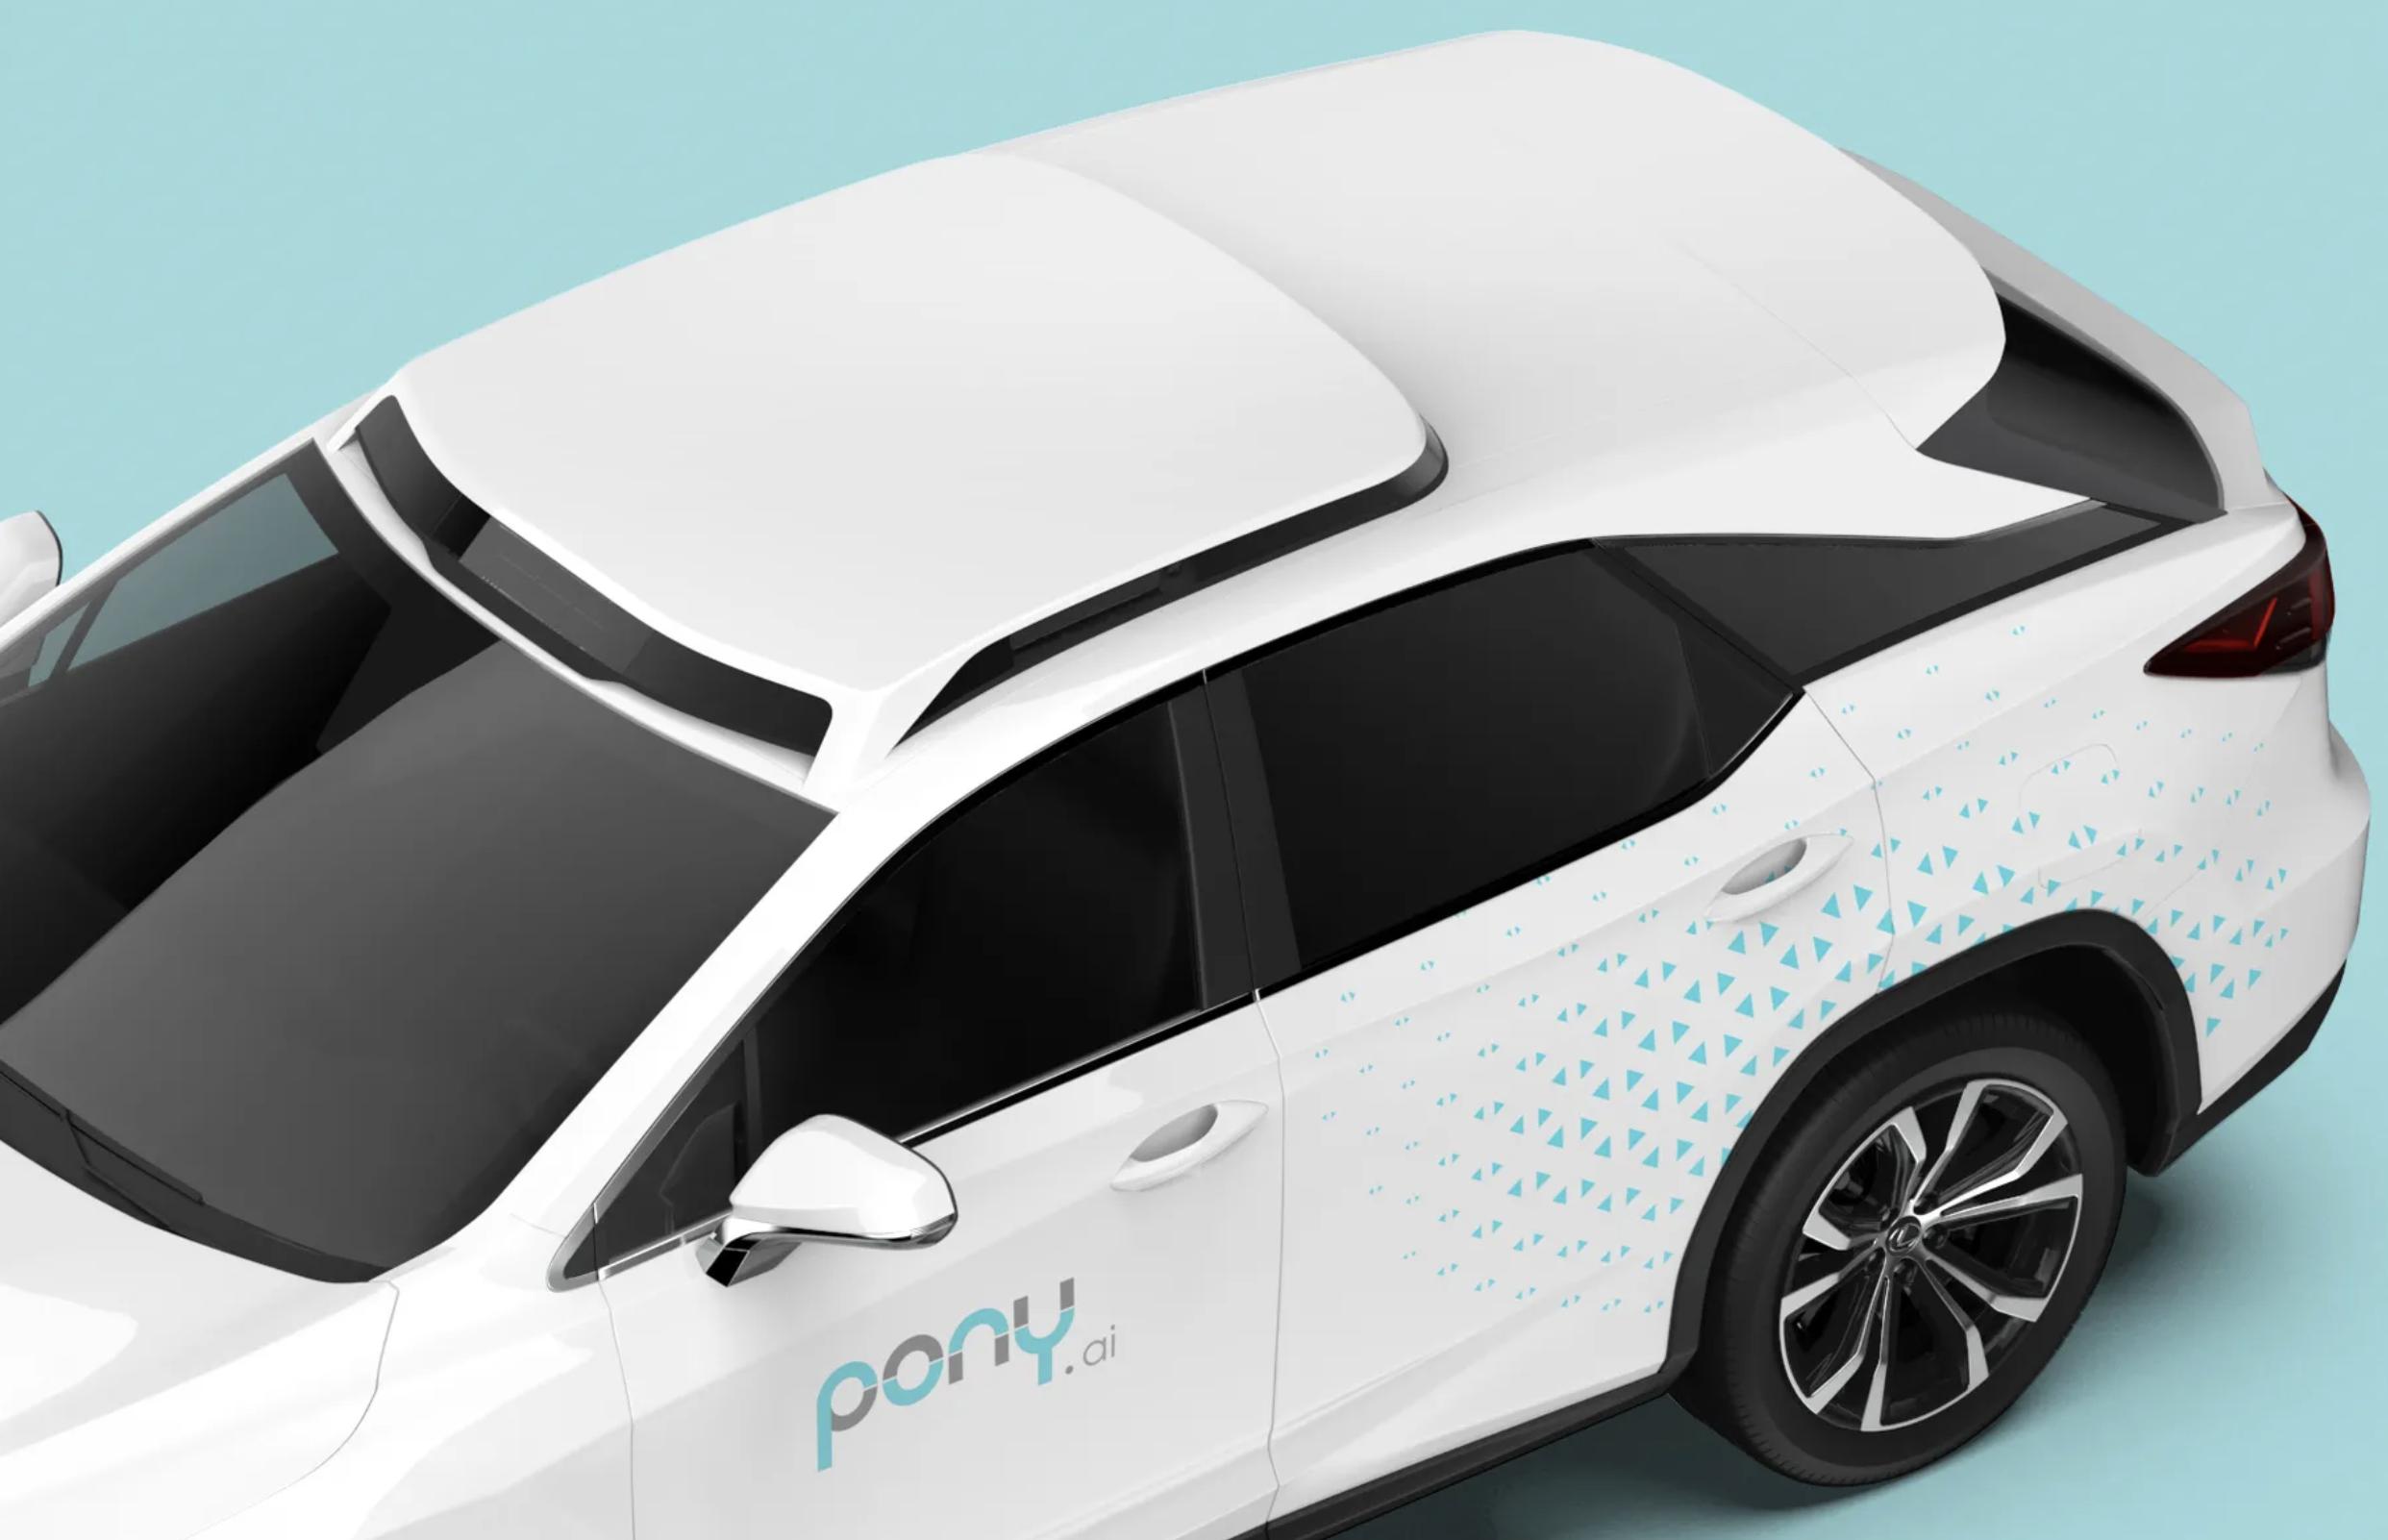 Obrazek przedstawia robotaxi z zupełnie nowym skanerem LIDAR. Pojazd należy do Pony.ai, natomiast skaner jest autorstwa Luminar.